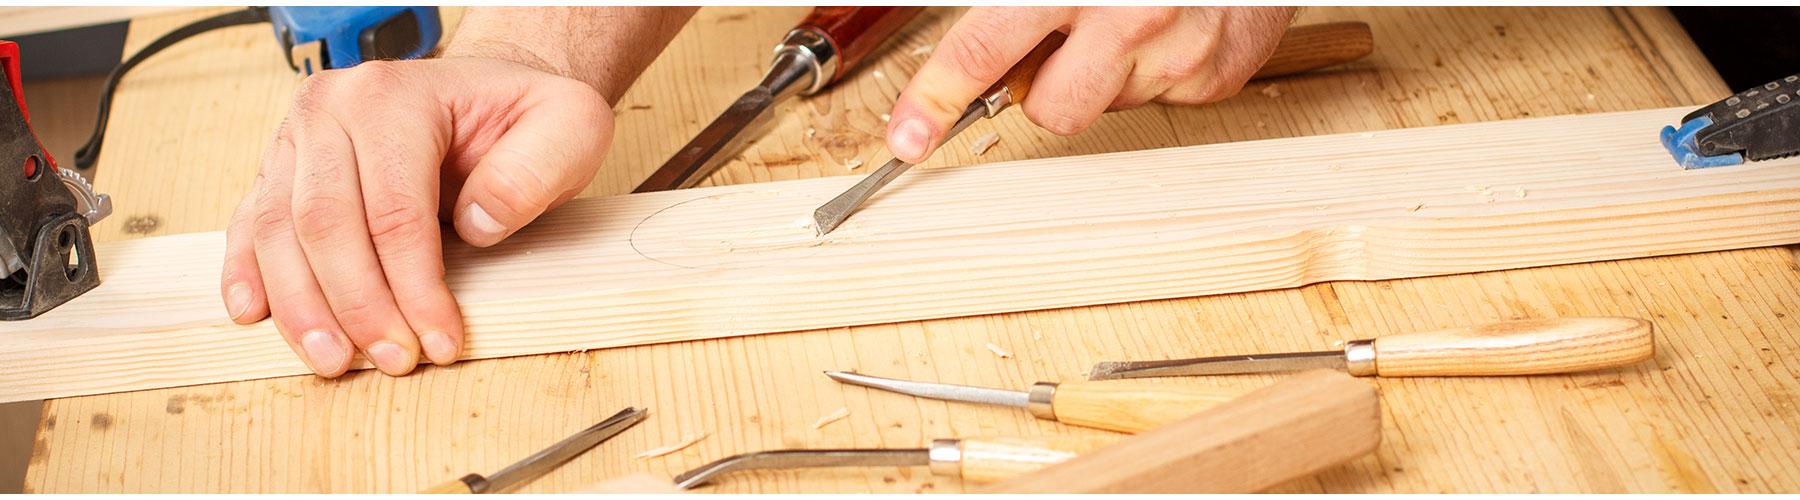 menuiserie l 39 art bois menuiserie solli s pont eb nisterie d art toulon. Black Bedroom Furniture Sets. Home Design Ideas